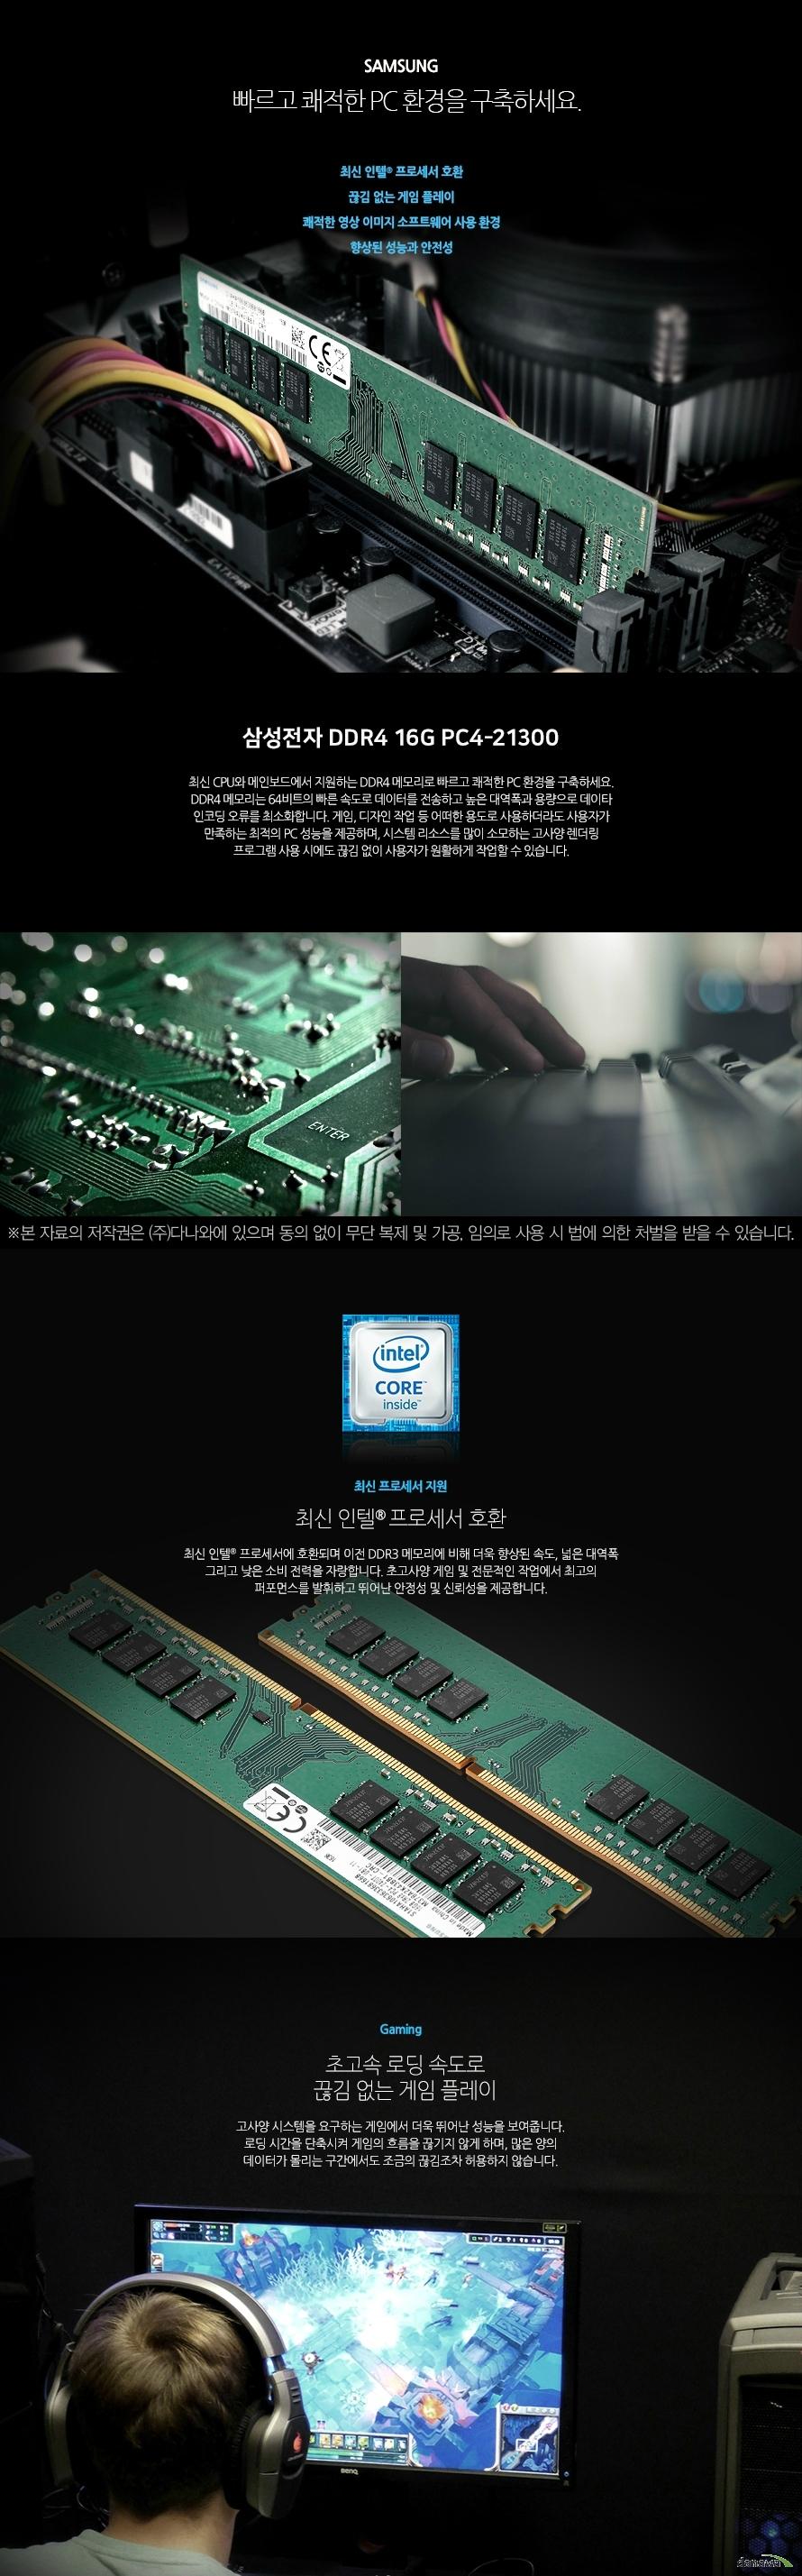 삼성전자 DDR4 16G PC4-21300 (정품) 빠르고 쾌적한 PC 환경을 구축하세요. 최신 인텔 프로세서 호환 끊김 없는 게임 플레이  쾌적한 영상 이미지 소프트웨어 사용 환경  향상된 성능과 안전성  최신 CPU와 메인보드에서 지원하는 DDR4 메모리로 빠르고 쾌적한 PC 환경을 구축하세요. DDR4 메모리는 64비트의 빠른 속도로 데이터를 전송하고 높은 대역폭과 용량으로 데이타 인코딩 오류를 최소화합니다. 게임, 디자인 작업 등 어떠한 용도로 사용하더라도 사용자가 만족하는 최적의 PC 성능을 제공하며, 시스템 리소스를 많이 소모하는 고사양 렌더링 프로그램 사용 시에도 끊김 없이 사용자가 원활하게 작업할 수 있습니다.   최신 프로세서 지원 최신 인텔 프로세서 호환 최신 인텔 프로세서에 호환되며 이전 DDR3 메모리에 비해 더욱 향상된 속도, 넓은 대역폭 그리고 낮은 소비 전력을 자랑합니다. 초고사양 게임 및 전문적인 작업에서 최고의 퍼포먼스를 발휘하고 뛰어난 안정성 및 신뢰성을 제공합니다.     Gaming 초고속 로딩 속도로 끊김 없는 게임 플레이 고사양 시스템을 요구하는 게임에서 더욱 뛰어난 성능을 보여줍니다. 로딩 시간을 단축시켜 게임의 흐름을 끊기지 않게 하며, 많은 양의 데이터가 몰리는 구간에서도 조금의 끊김조차 허용하지 않습니다.  Design 웹, 그래픽, 영상 편집 프로그램 성능 향상 고성능 메모리로 작업 능률을 향상 시켜보세요. 고용량 사진 작업 및 고화질 영상 작업, 렌더링, 인코딩 작업을 할 때 더욱 큰 성능을 발휘합니다. 병목현상을 최소화하여 끊김, 지연 현상을 없애고 쾌적한 작업 환경을 조성할 수 있도록 도와줍니다.  clock 높은 메모리 클럭으로 더욱 빠른 PC환경! 높은 메모리 동작 클럭이 빠른 동작 속도를 제공함으로써, 사용자는 더욱 쾌적한 PC 사용환경을 경험할 수 있습니다. 일반 메모리에 비해 향상된 성능과 안전성으로 게이밍, 그래픽 작업 등 다양한 환경에서 최고의 퍼포먼스를 제공합니다.